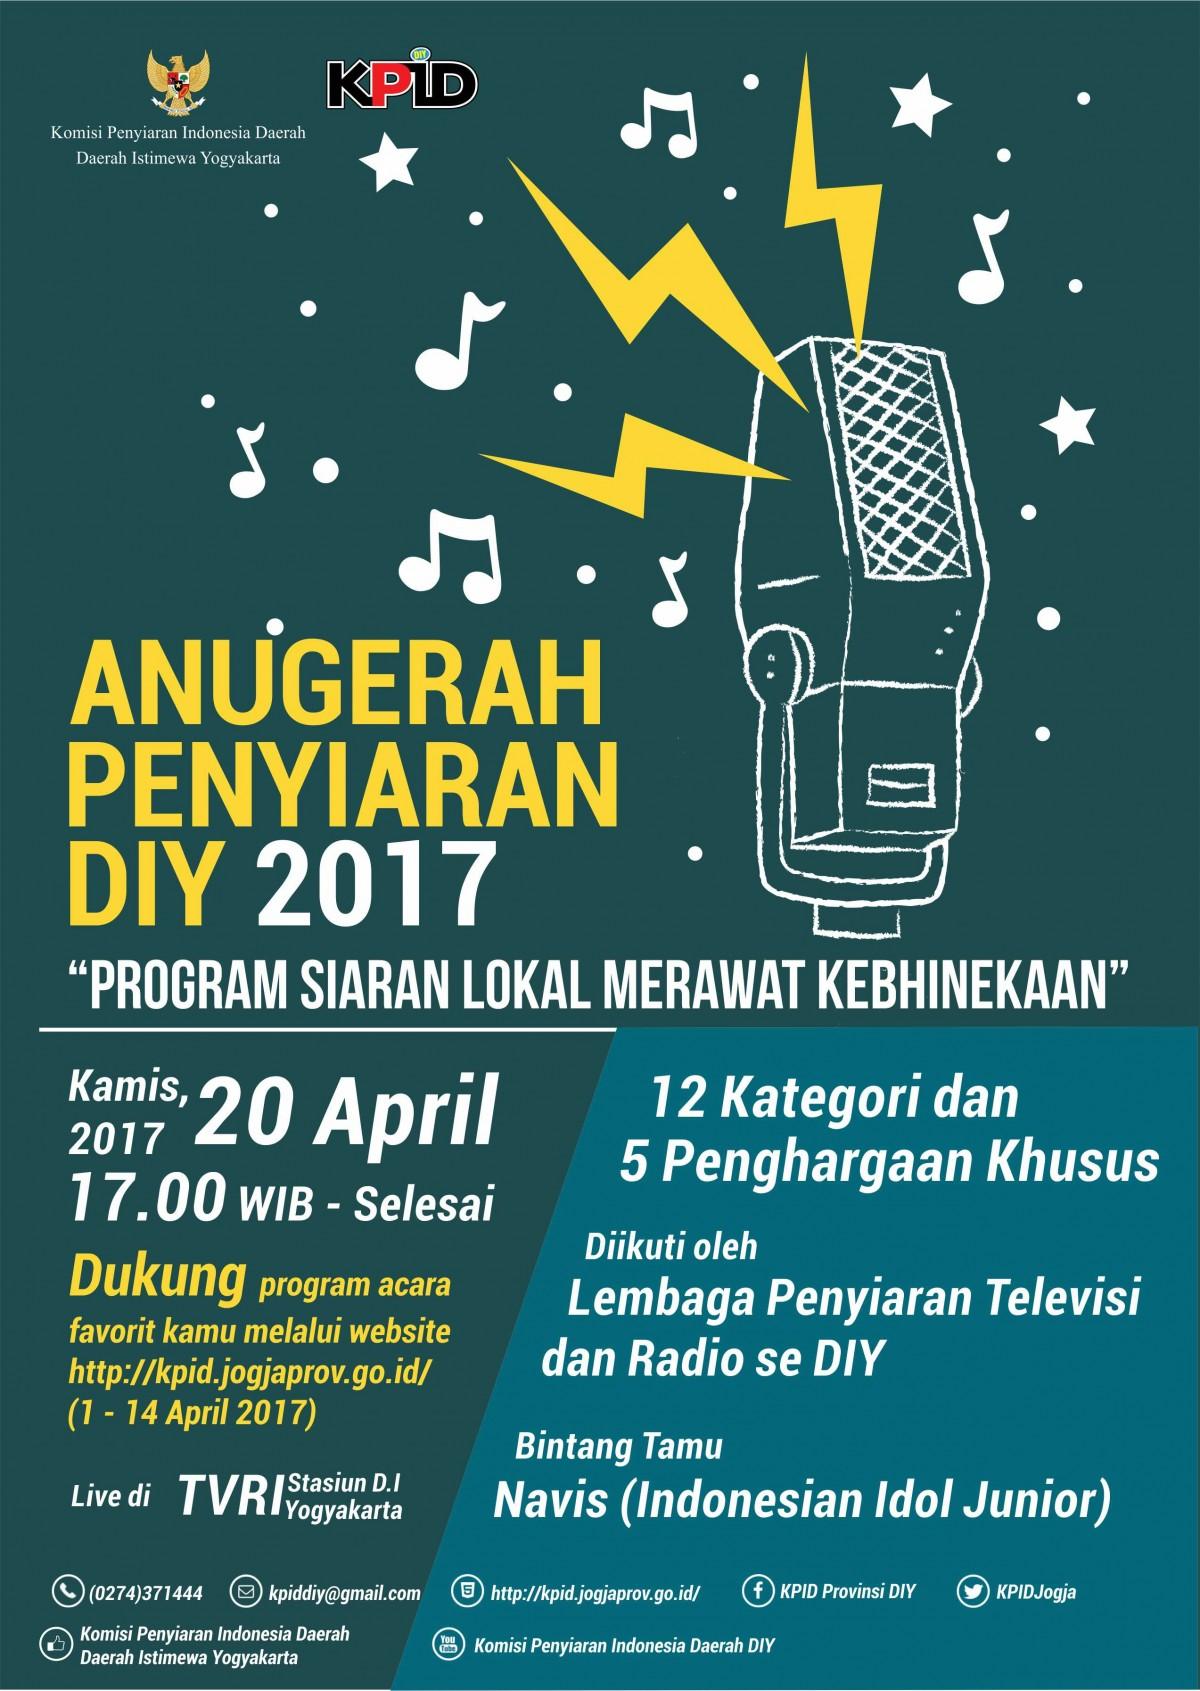 KPID DIY Helat Anugerah Penyiaran DIY Tahun 2017